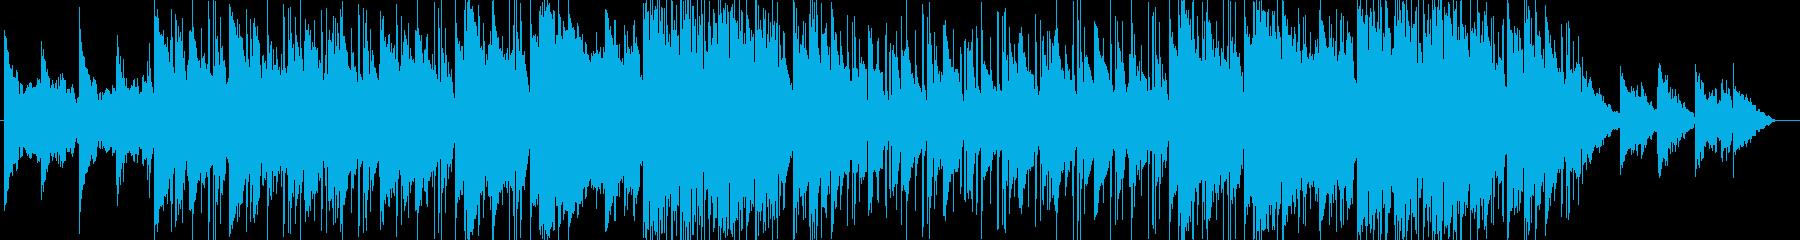 ややスローで伸びのある爽やかなポップスの再生済みの波形